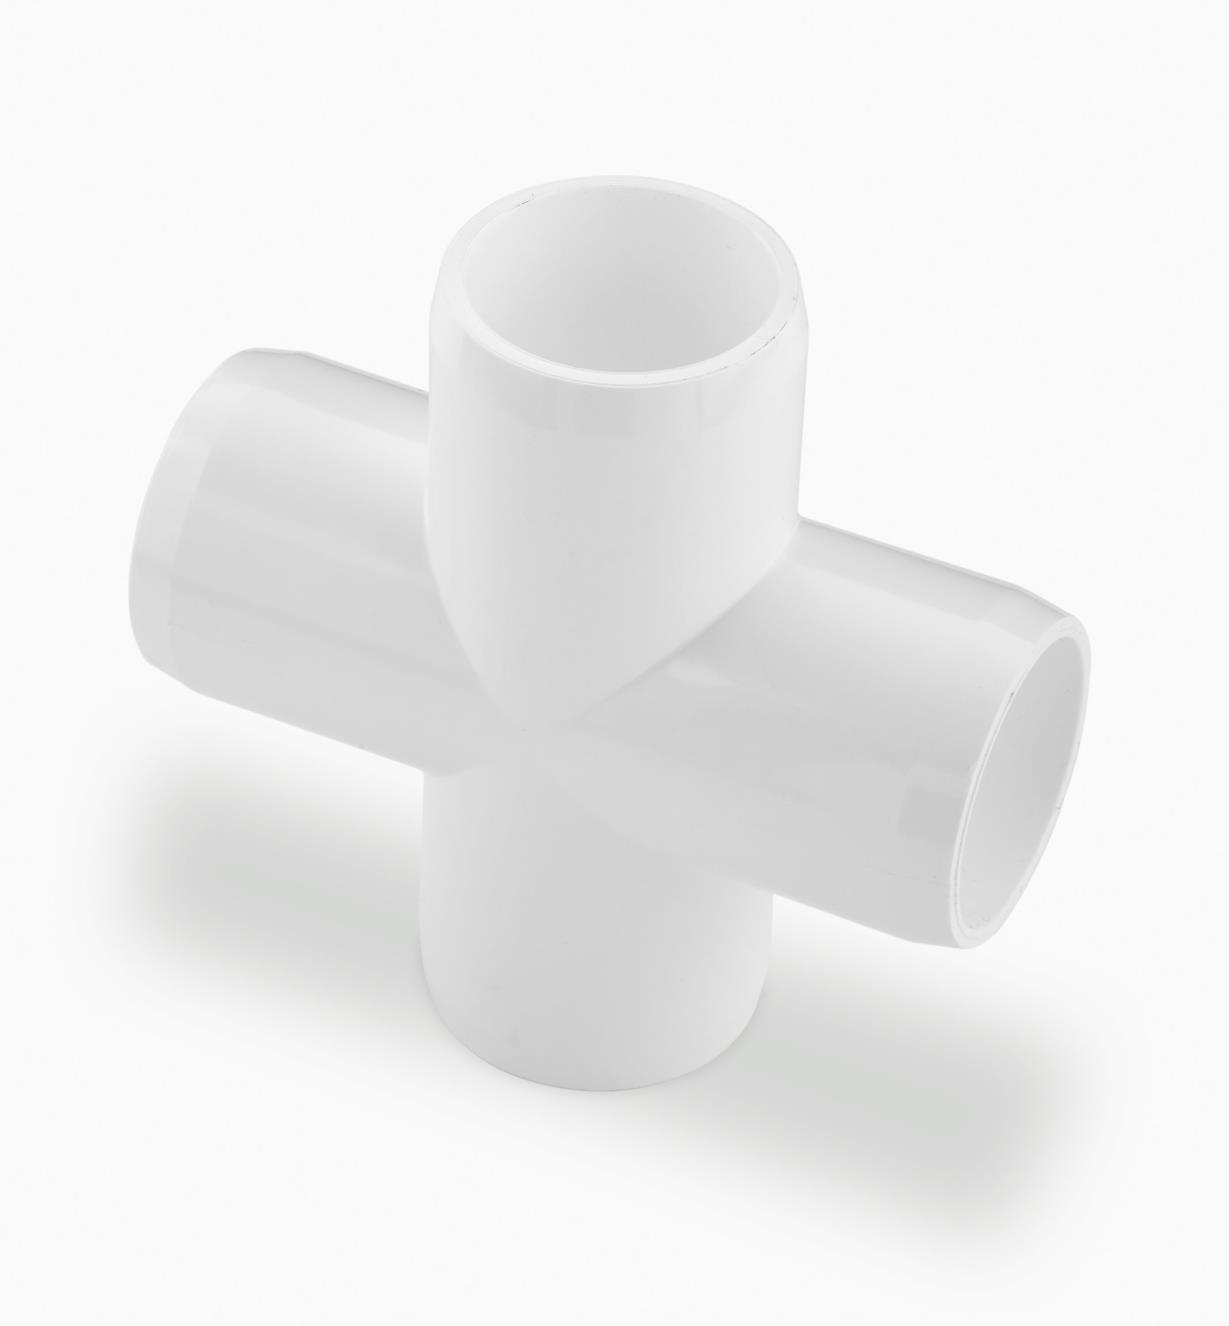 EA266 - Raccord croix en PVC, 1/2 po, l'unité